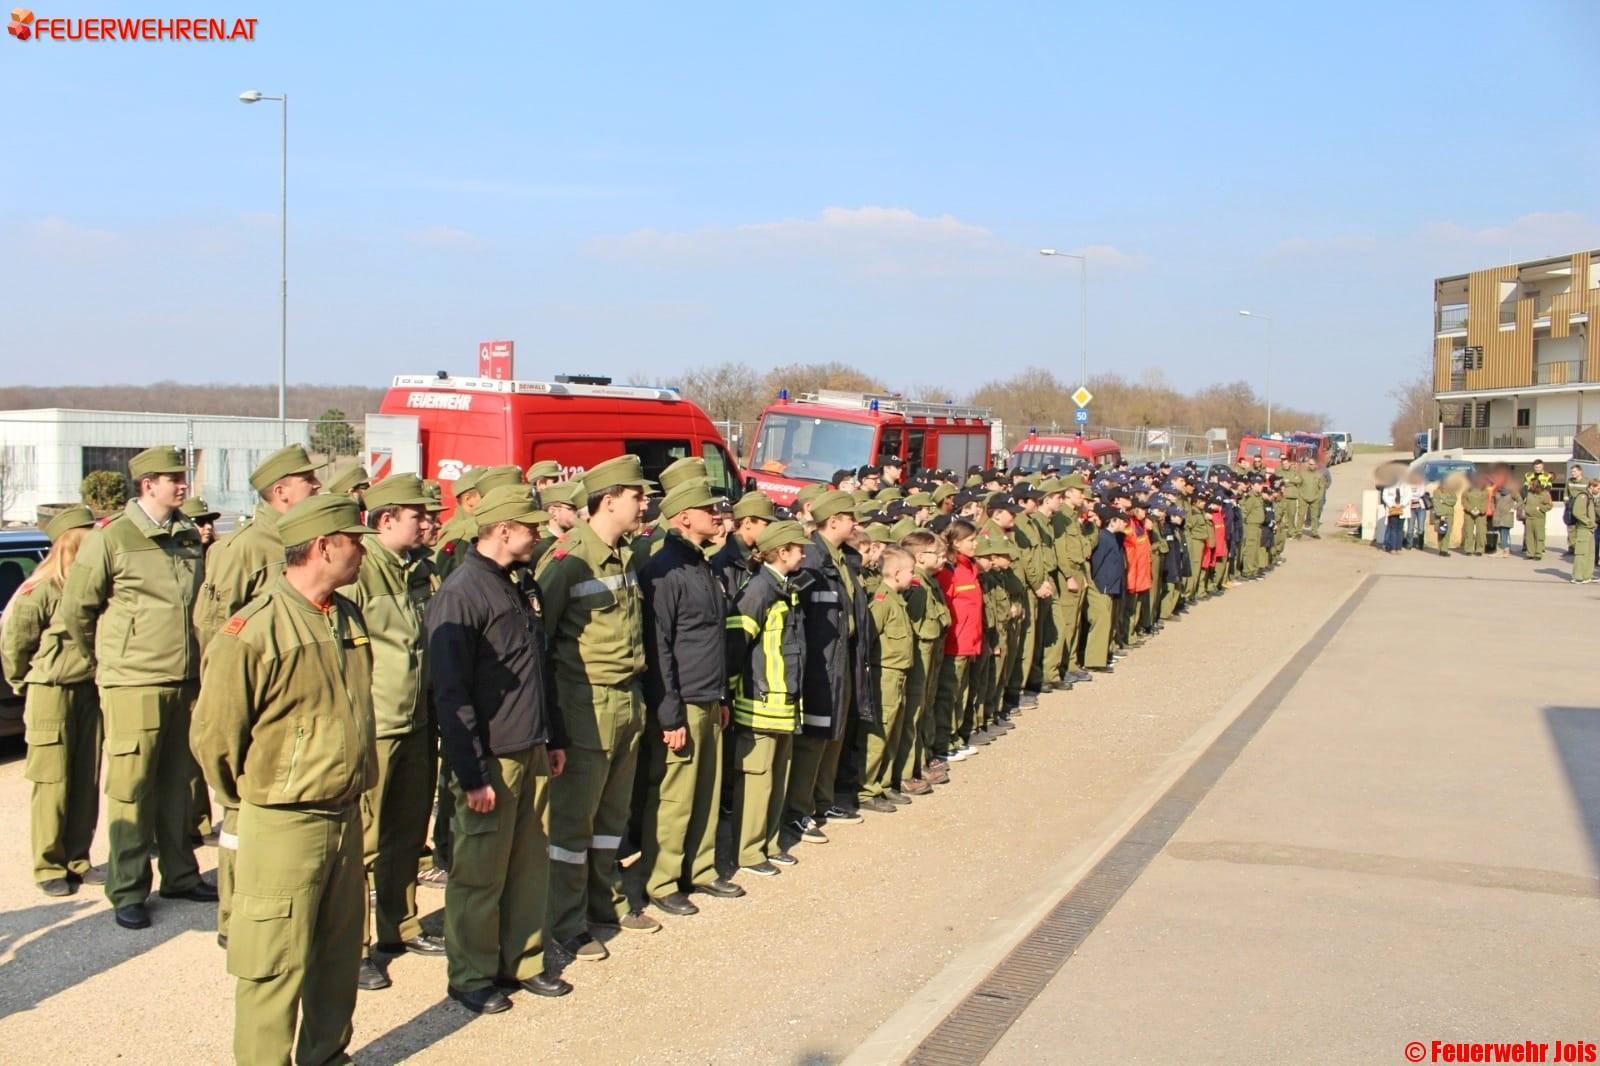 Feuerwehr Jois